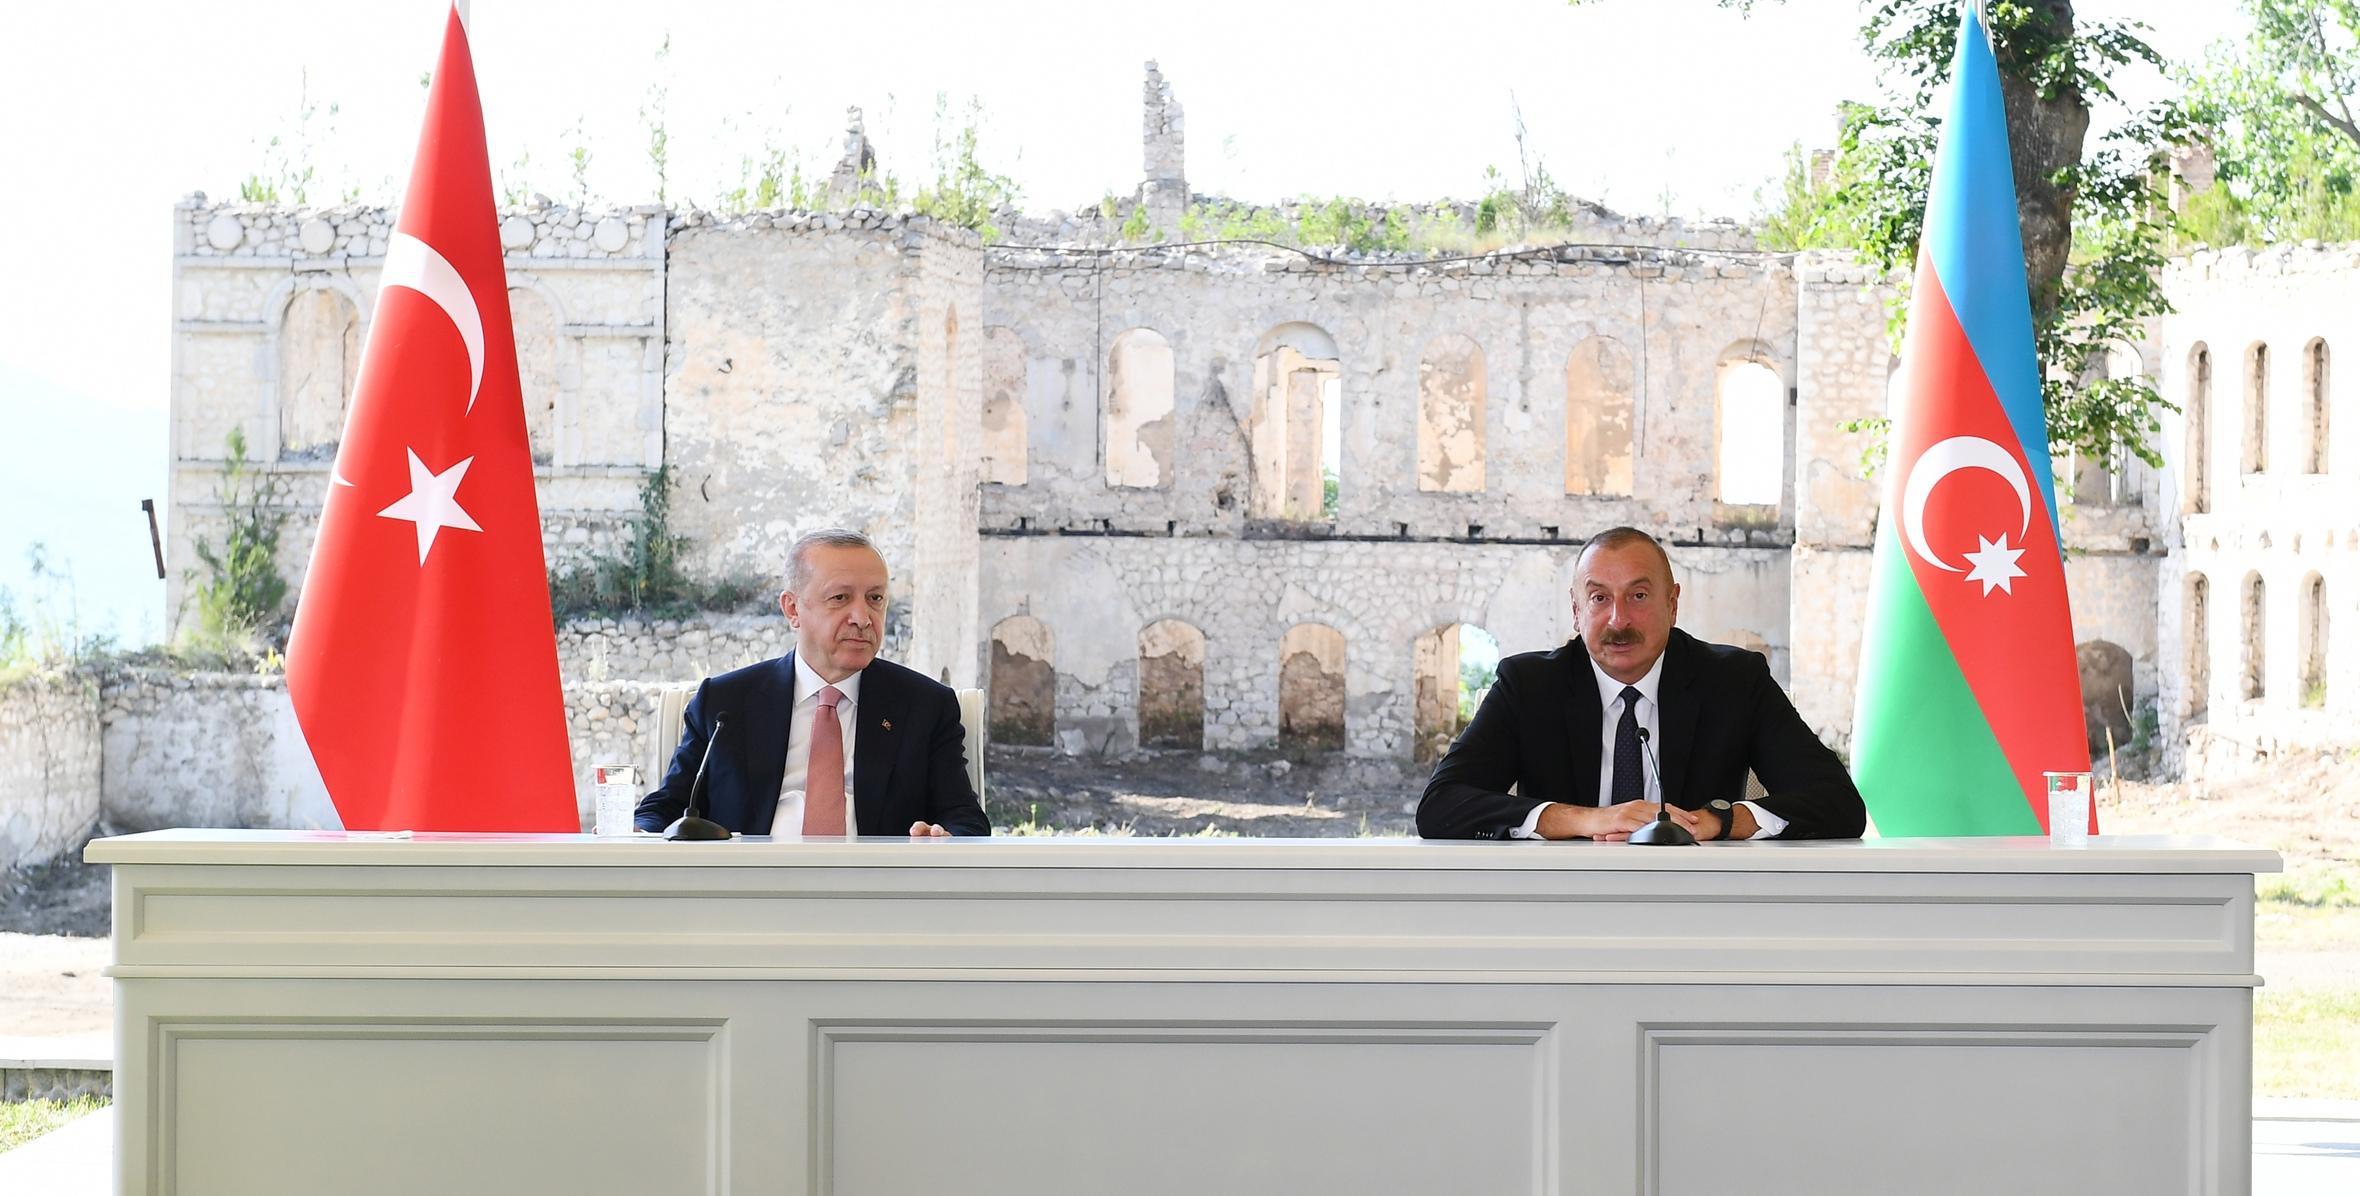 Azərbaycan və Türkiyə prezidentləri mətbuata birgə bəyanatlarla çıxış edirlər